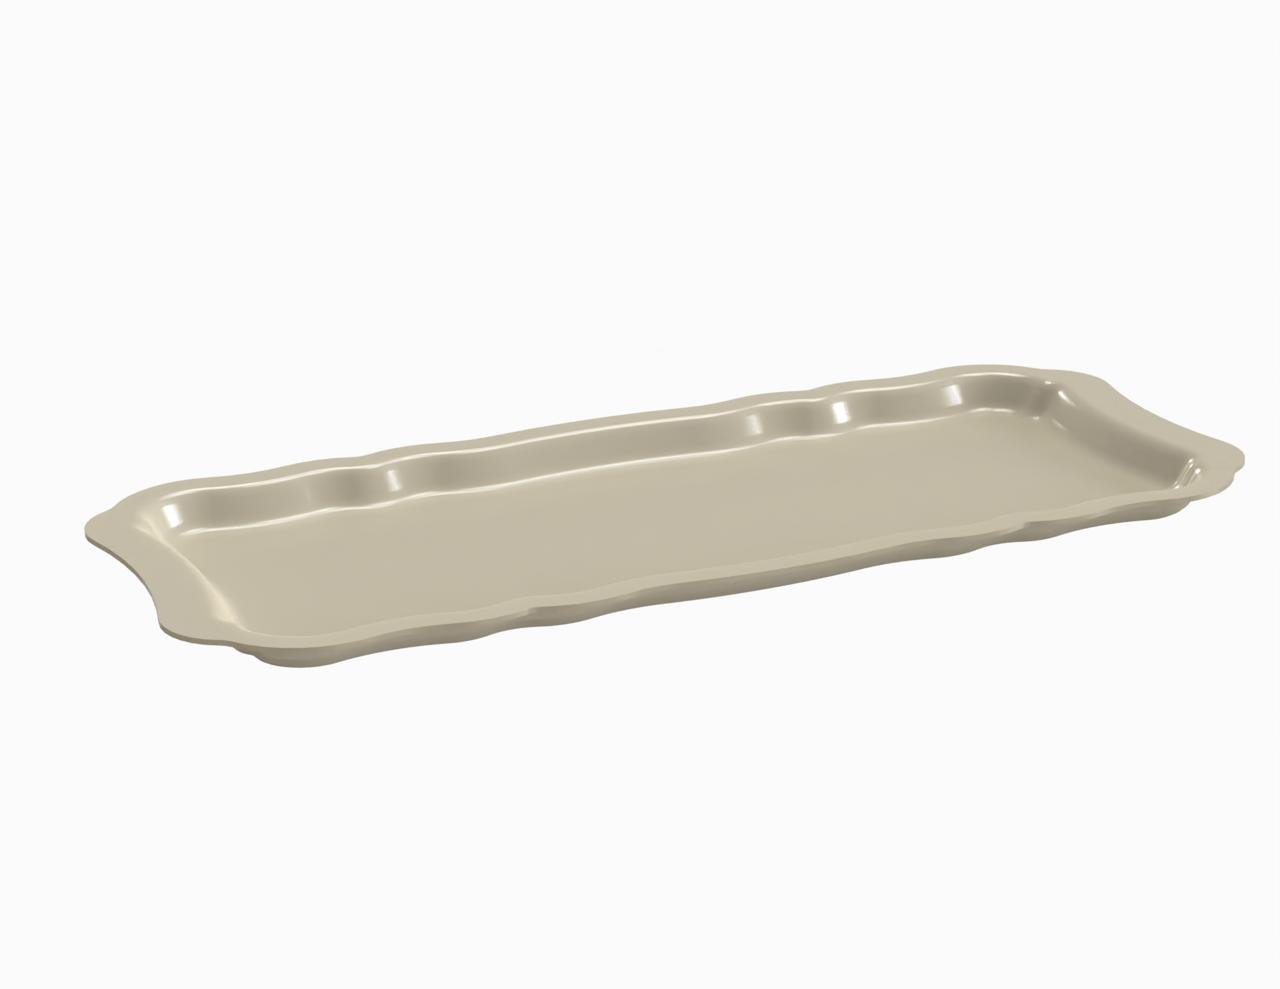 Plateau crème tacheté 420 mm